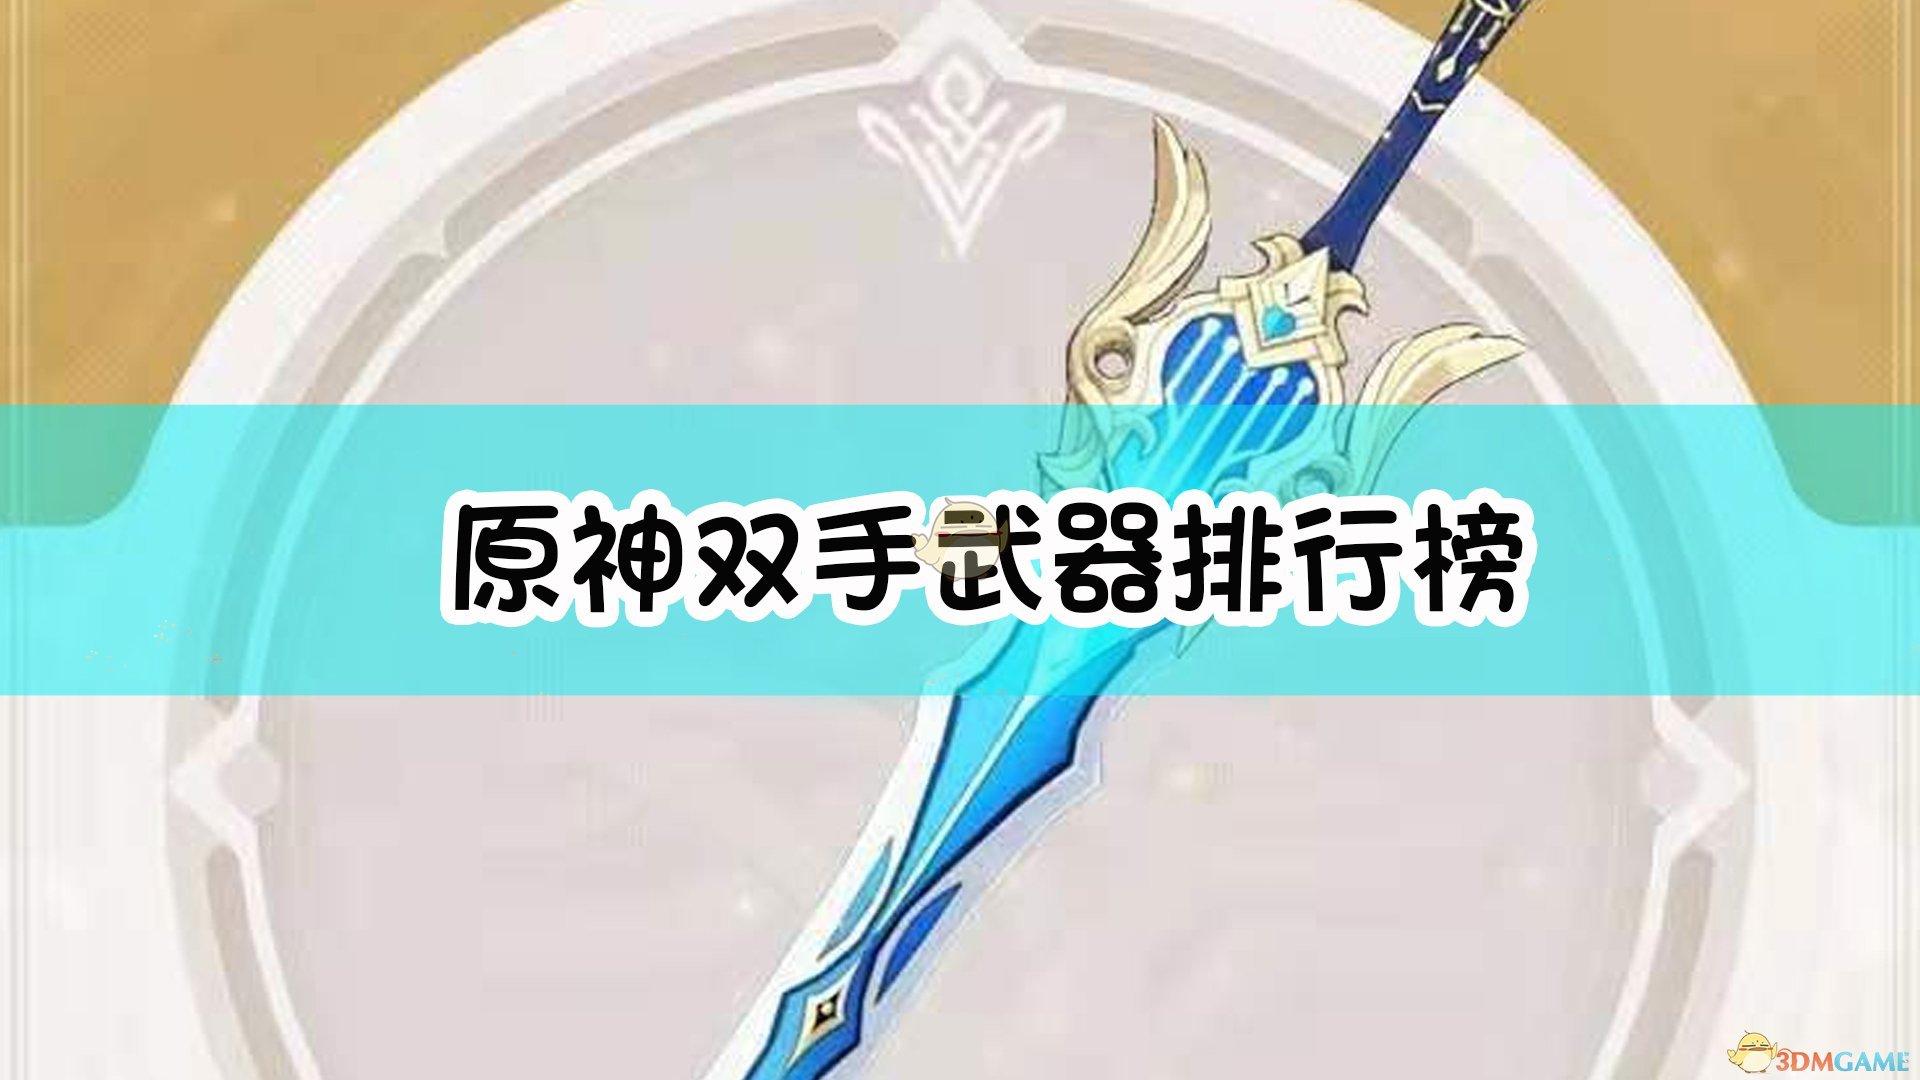 《原神》双手武器排行榜